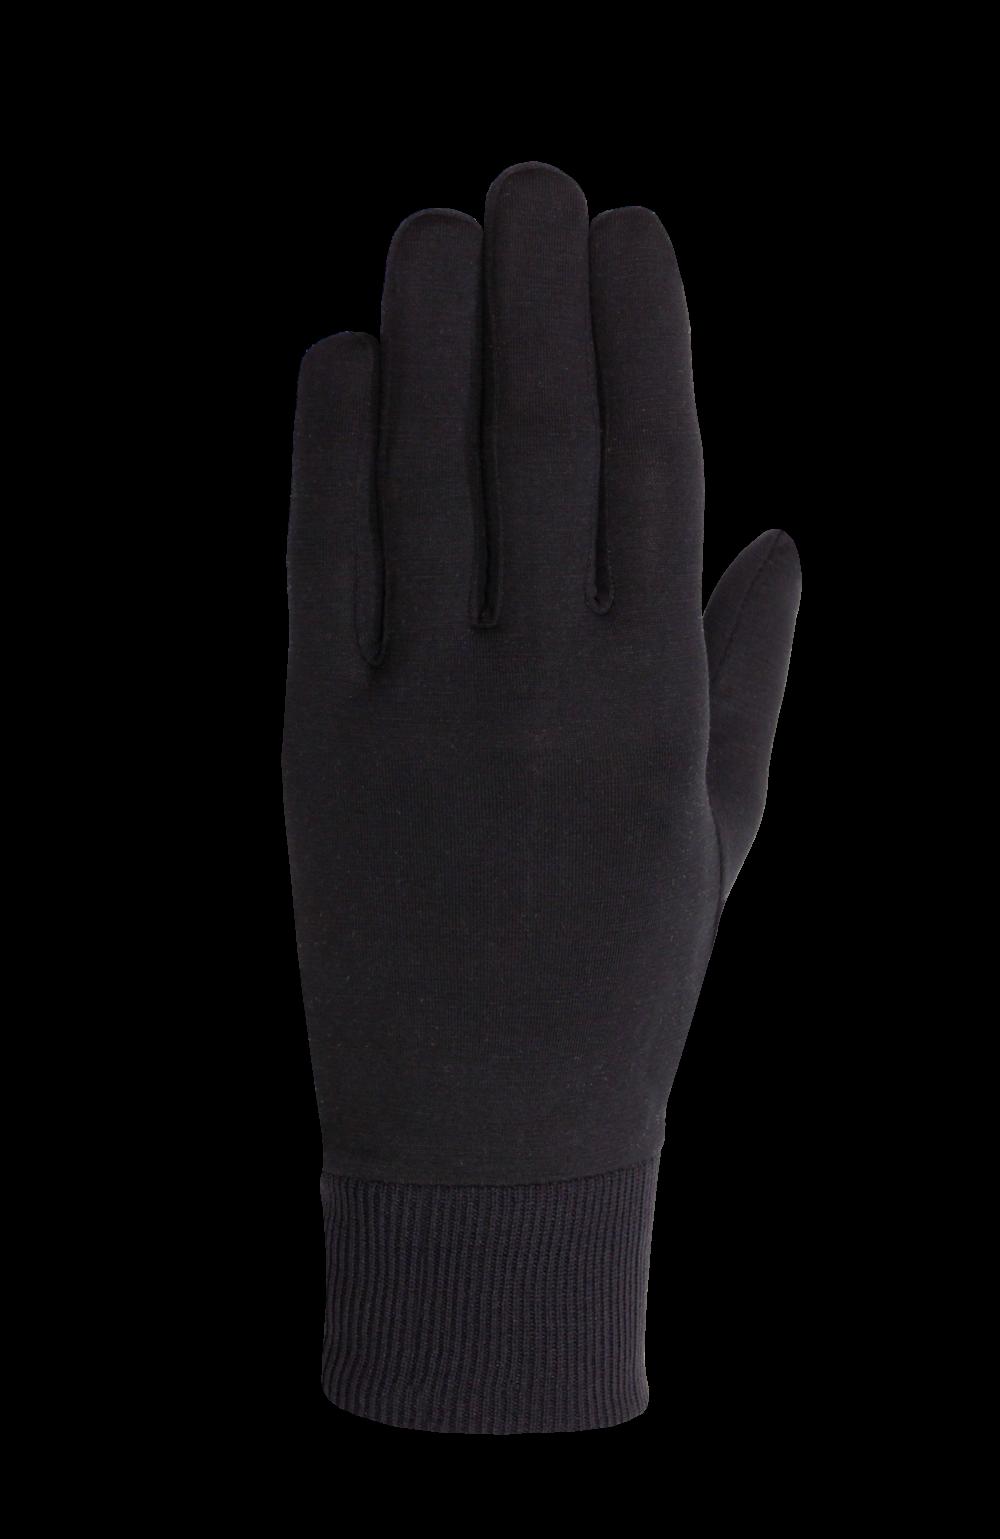 2019/20 Seirus Arctic Silk Glove Liner